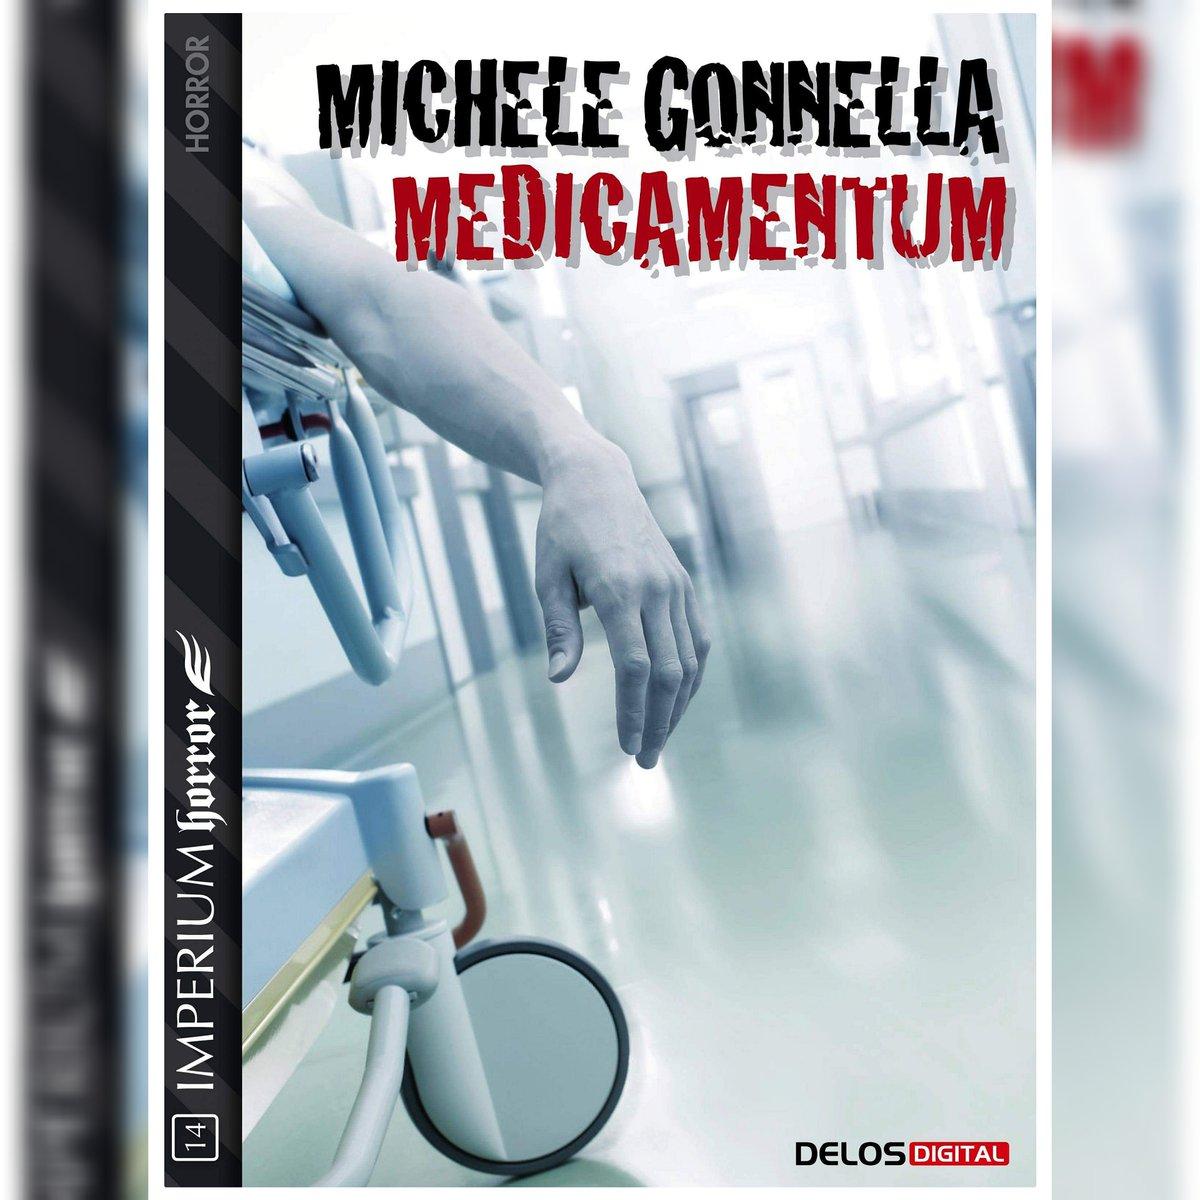 Le recensioni del Salotto Michele Gonnella, Medicamentum, @DelosBooks   https://t.co/58DTfMxQHv  #Review #horror #ThrillingRead #bookblogger #bookblog #ebook https://t.co/nB2uG0PvR6